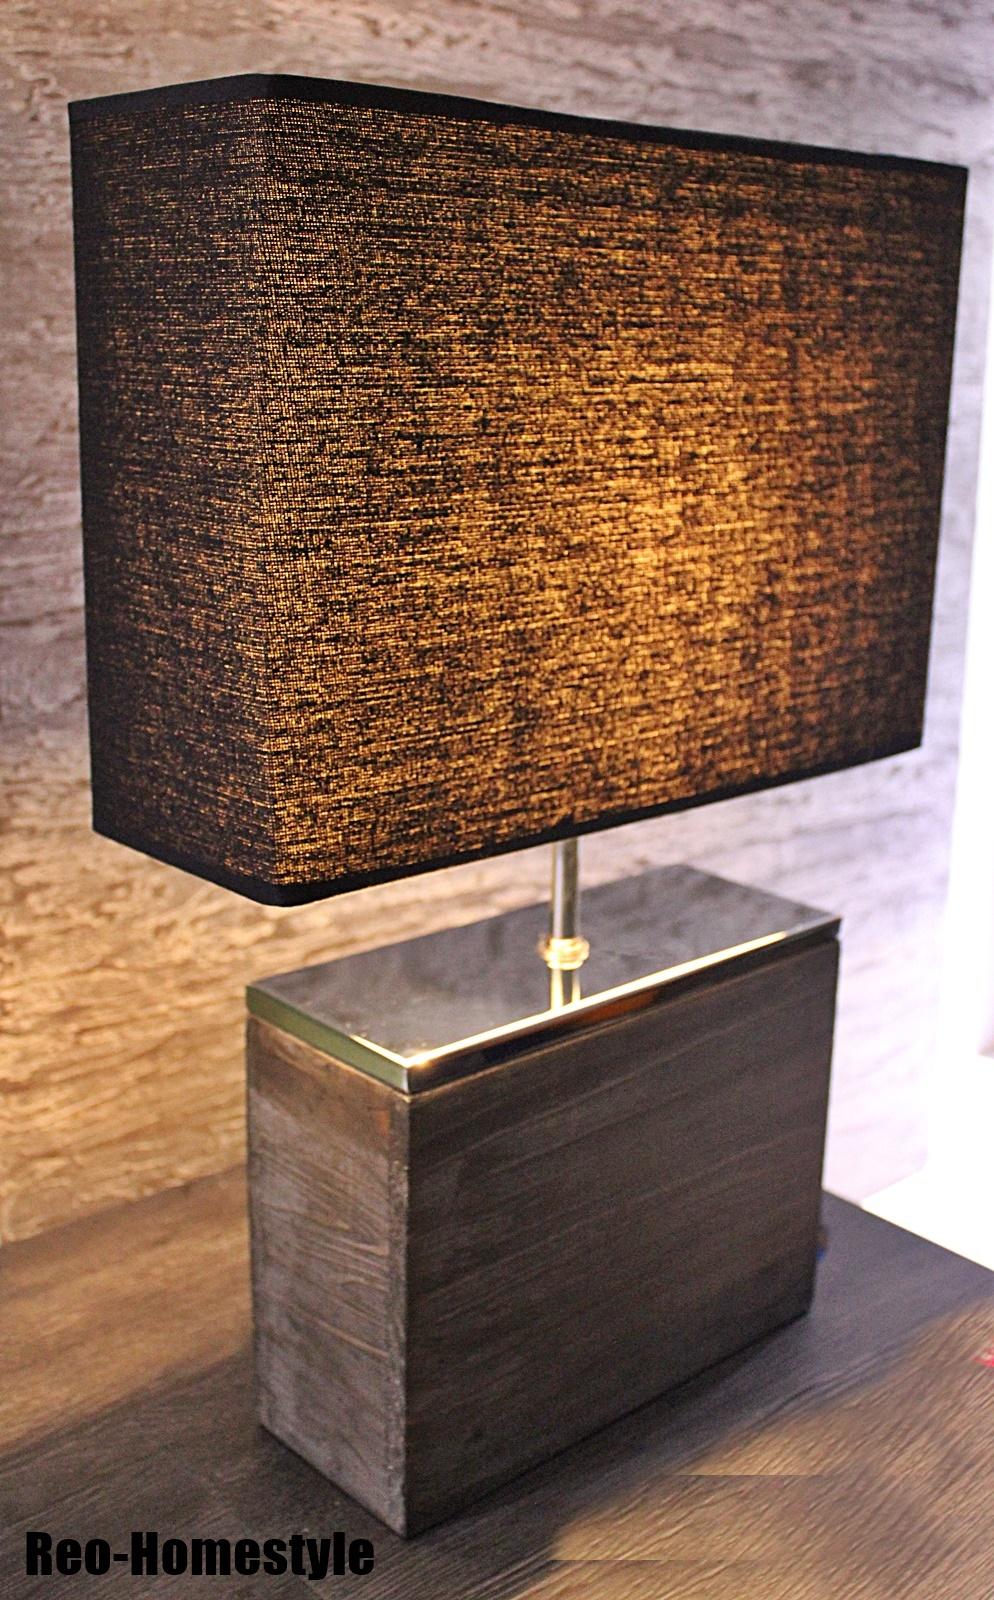 tischleuchte tischlampe lampe leuchte manhattan holz eckig braun schwarz h 50 cm ebay. Black Bedroom Furniture Sets. Home Design Ideas